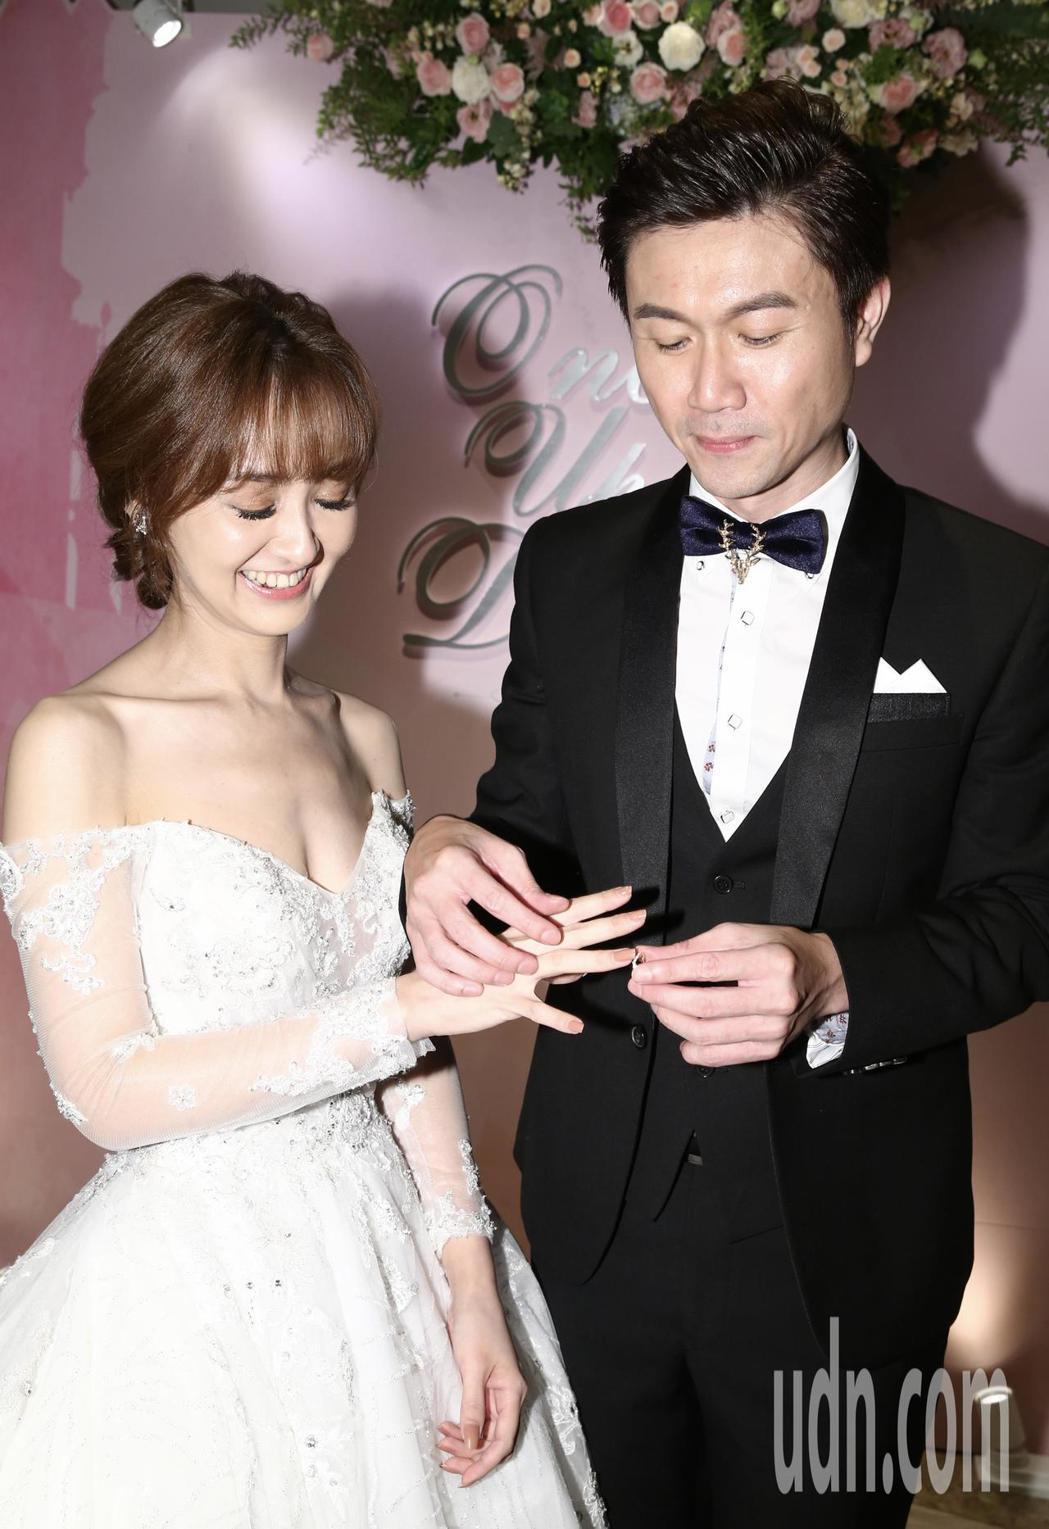 台視主播陳家頤(左)、王李中彥(右)晚間舉辦婚禮。記者許正宏/攝影